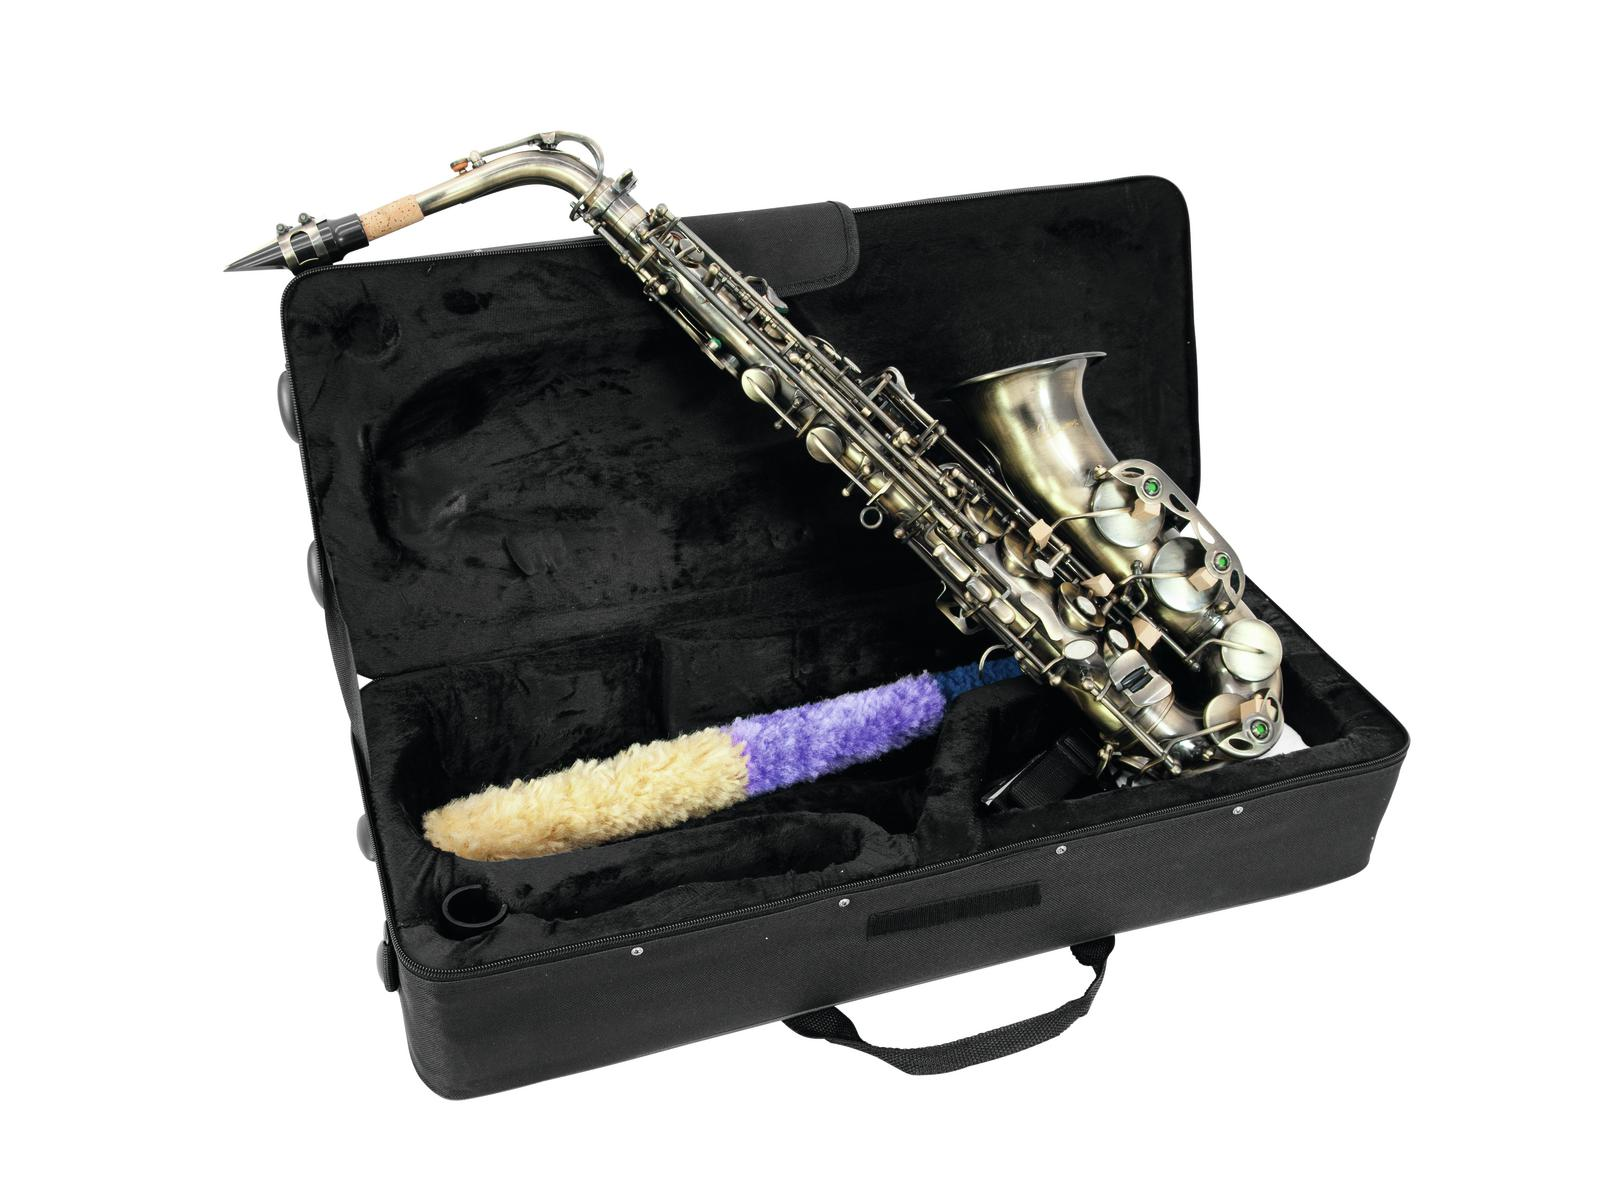 Dimavery SP-30 Es alt saxofon, vintage